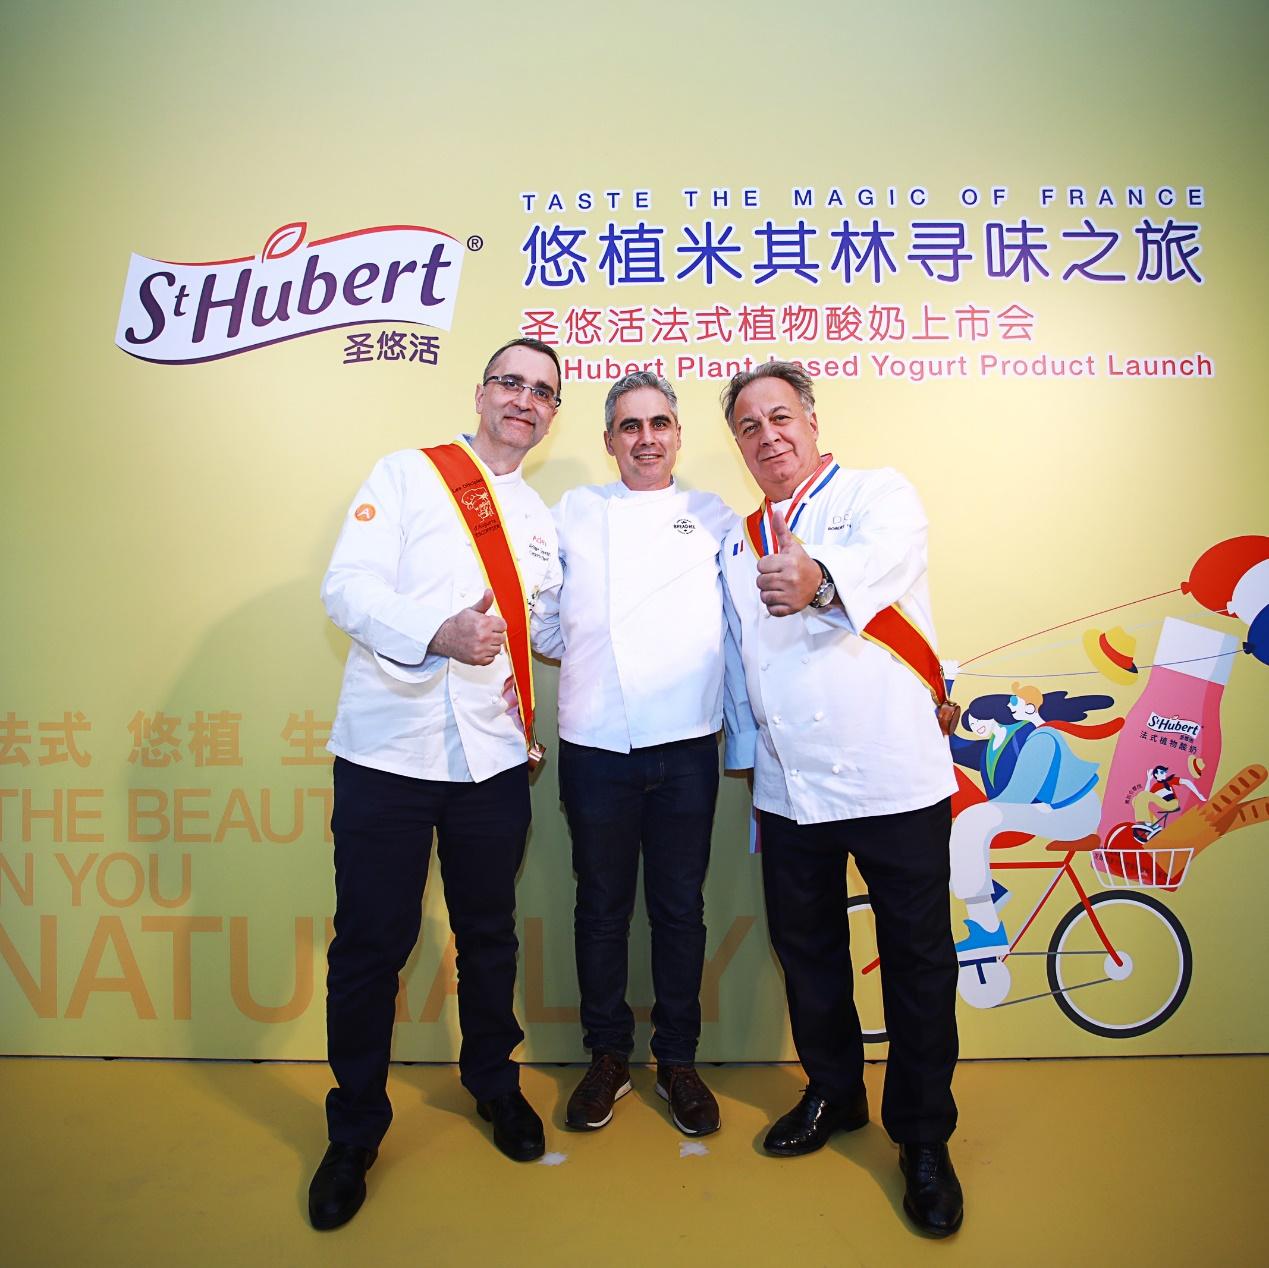 法国St Hubert圣悠活登陆中国,携新品植物酸奶演绎法式悠植生活之美插图(3)